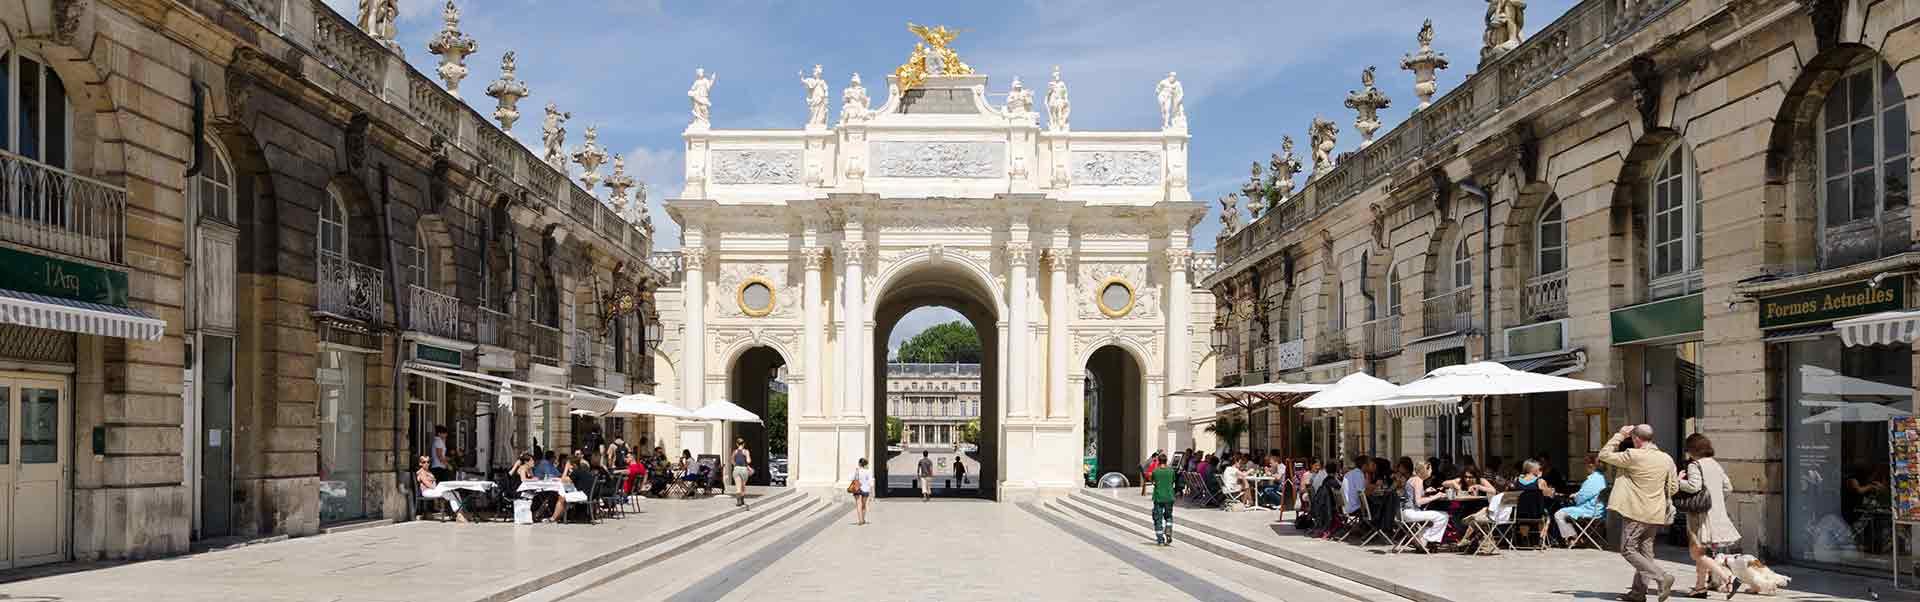 City of Nancy in Lorraine, France